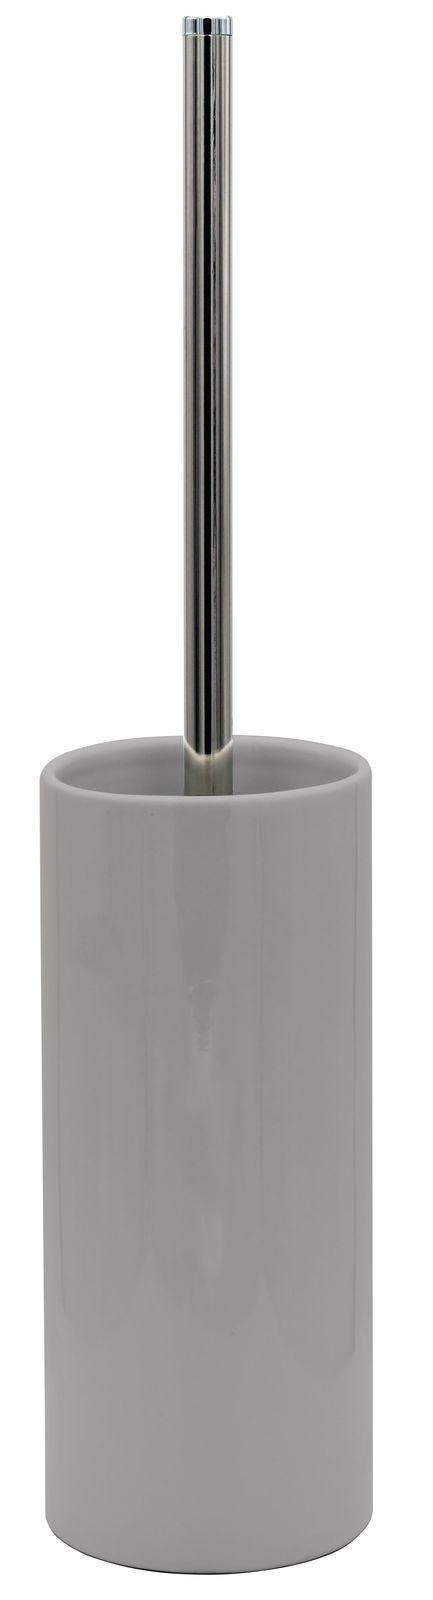 Ёрш для унитаза Pure серый по цене 1 963